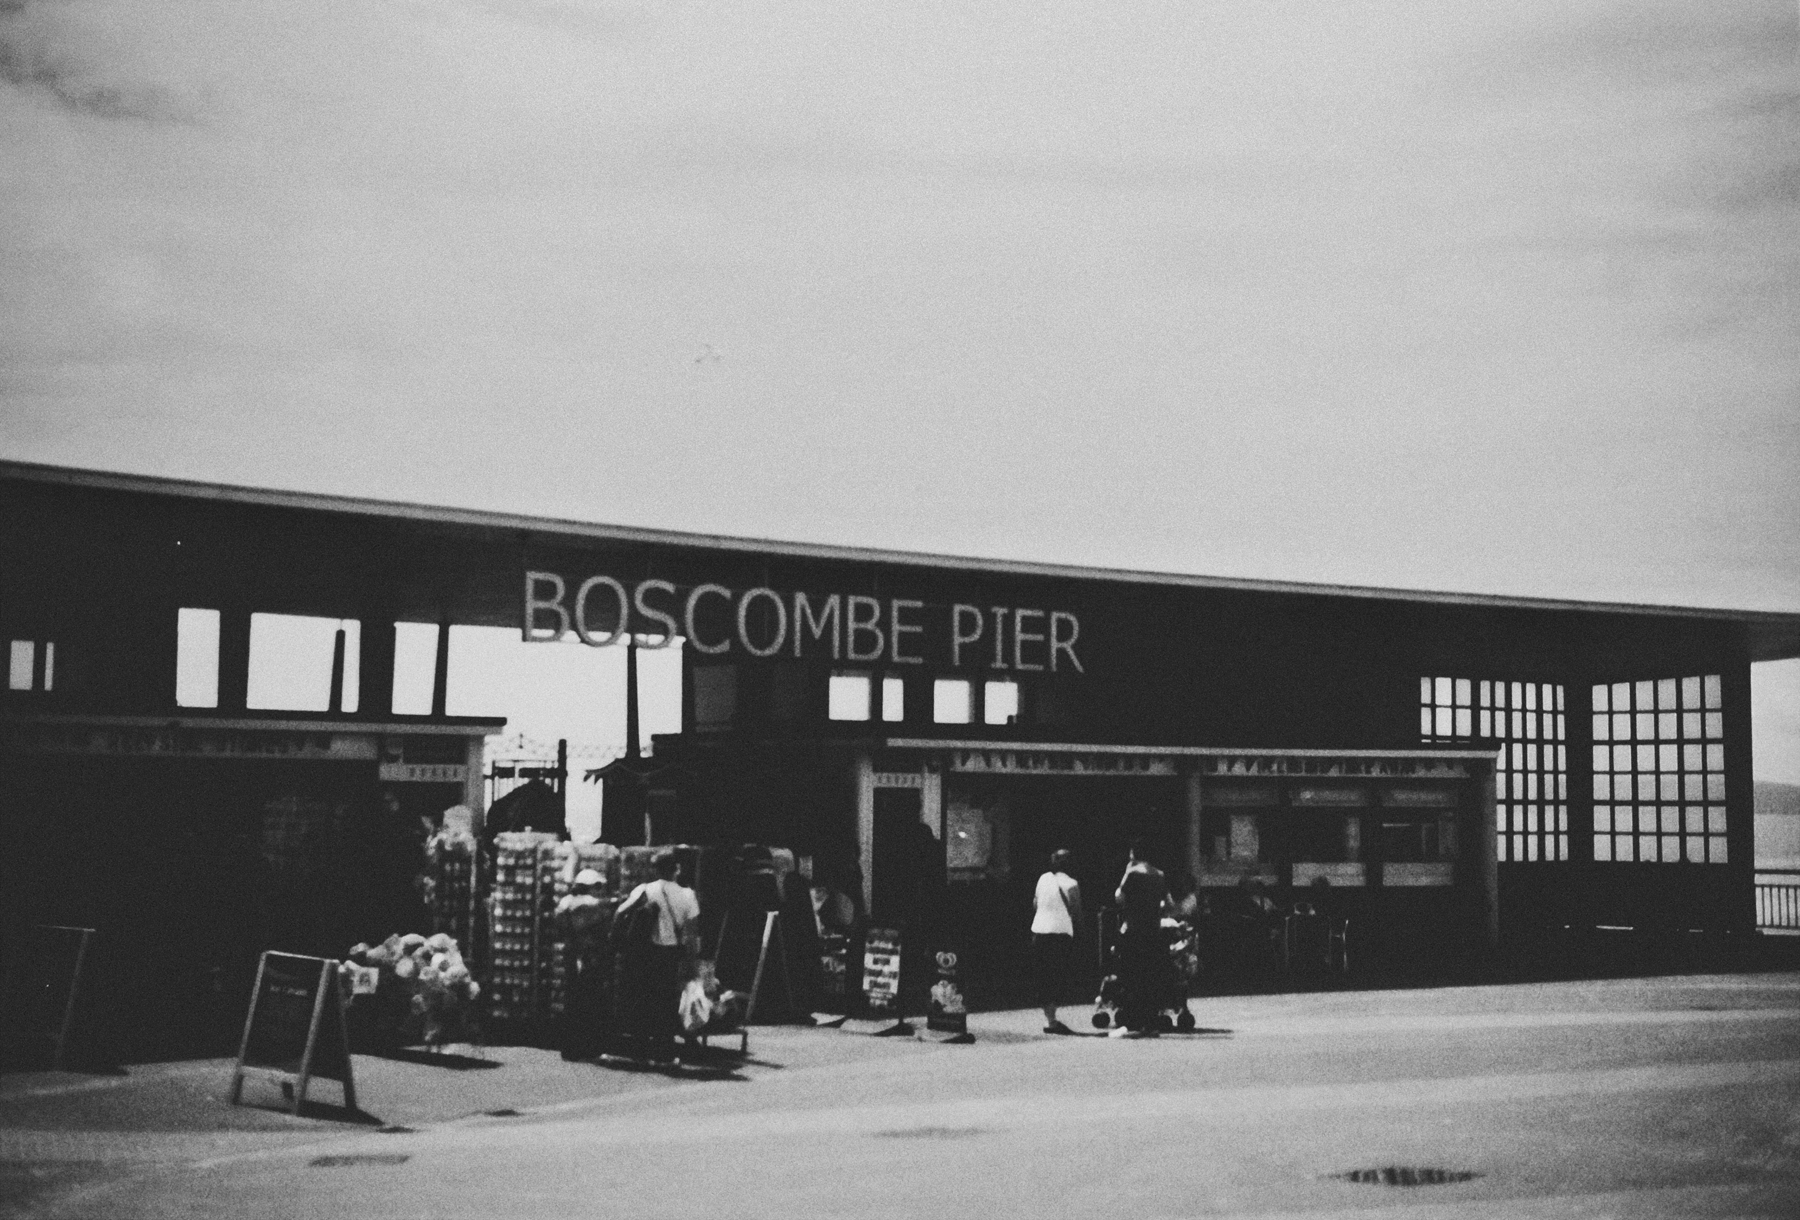 Boscombepier.jpg